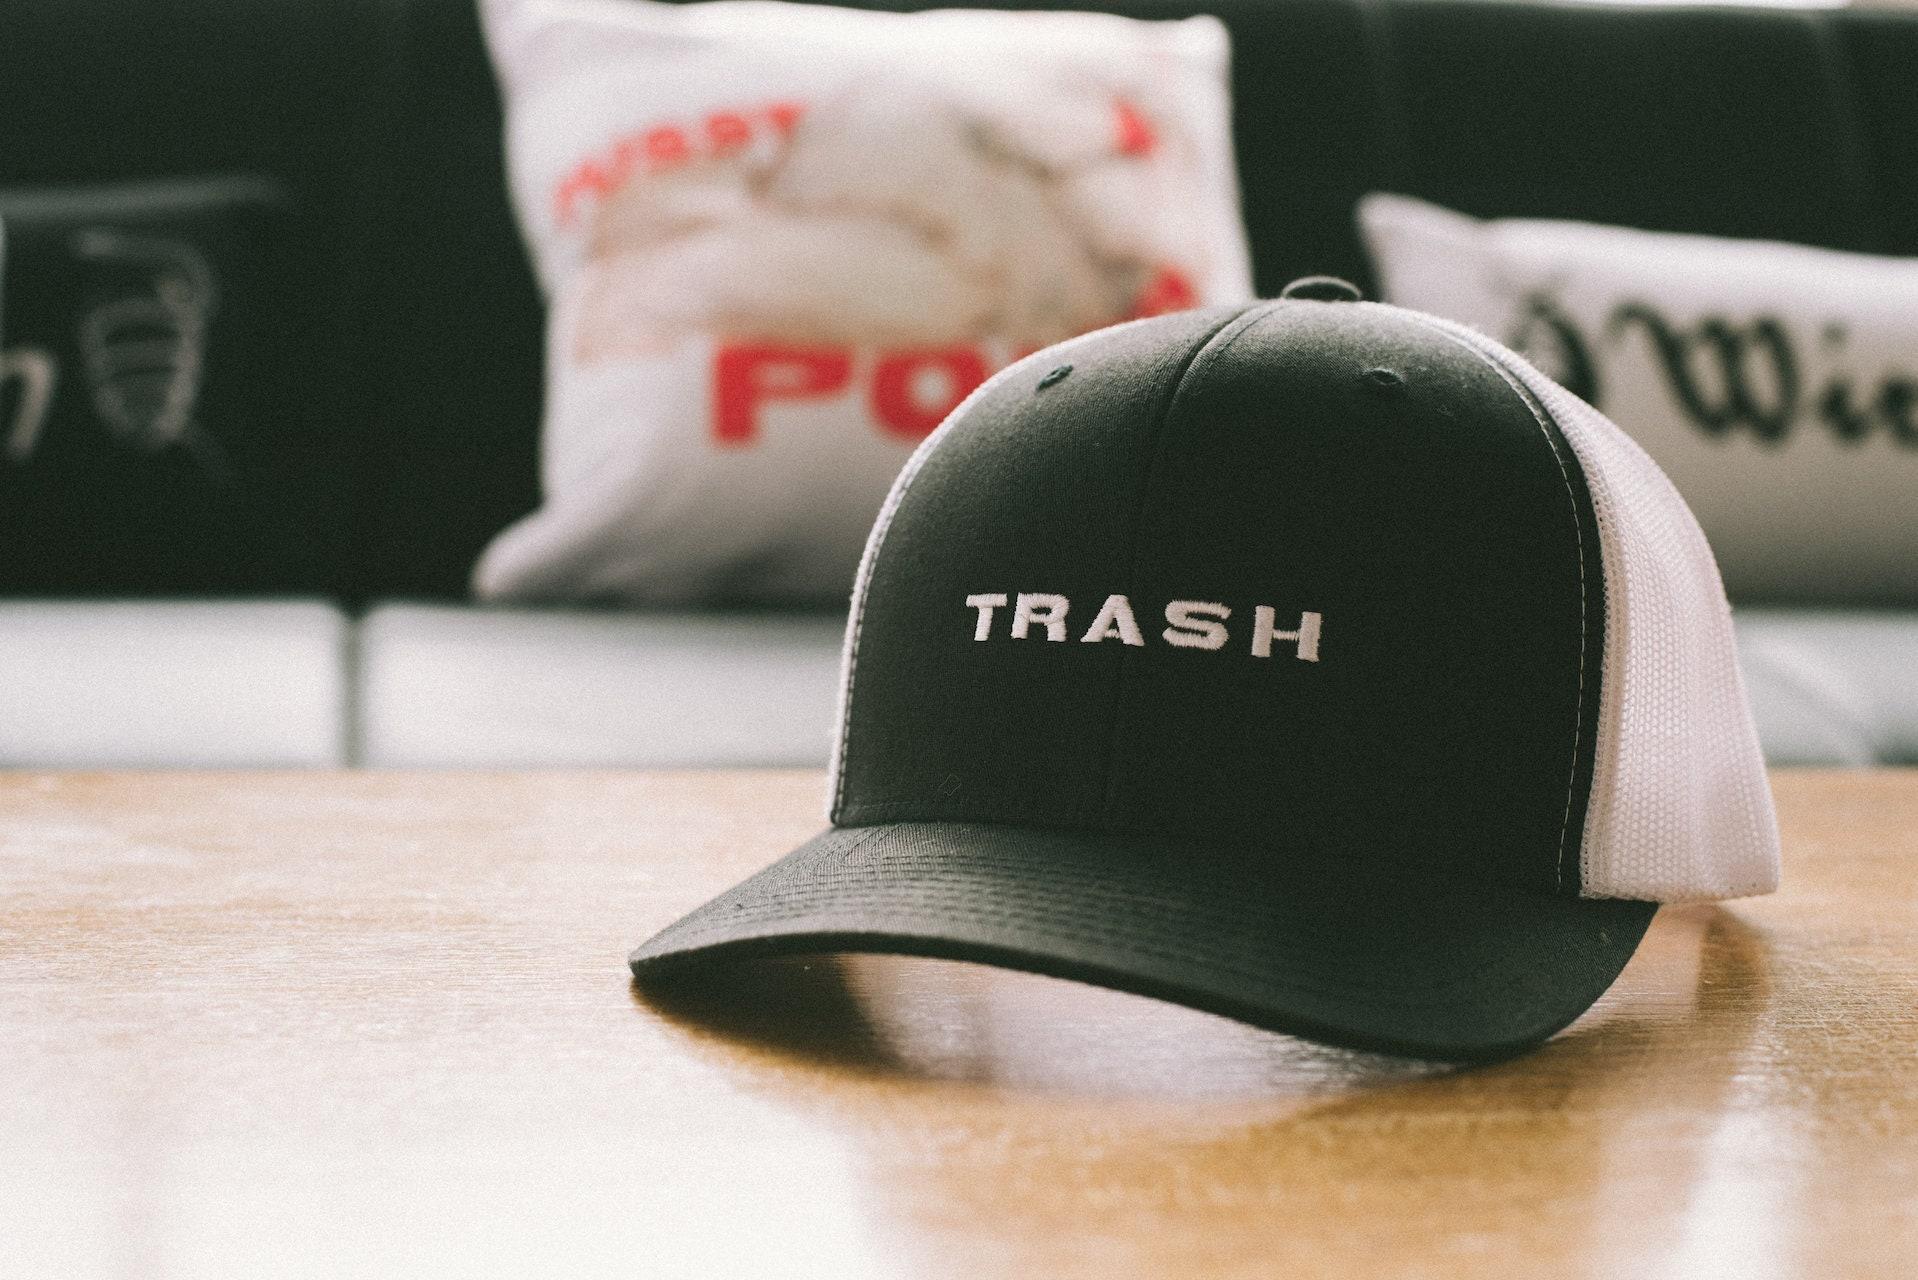 Trash Embroidery Retro Trucker Hat ae9af2290494